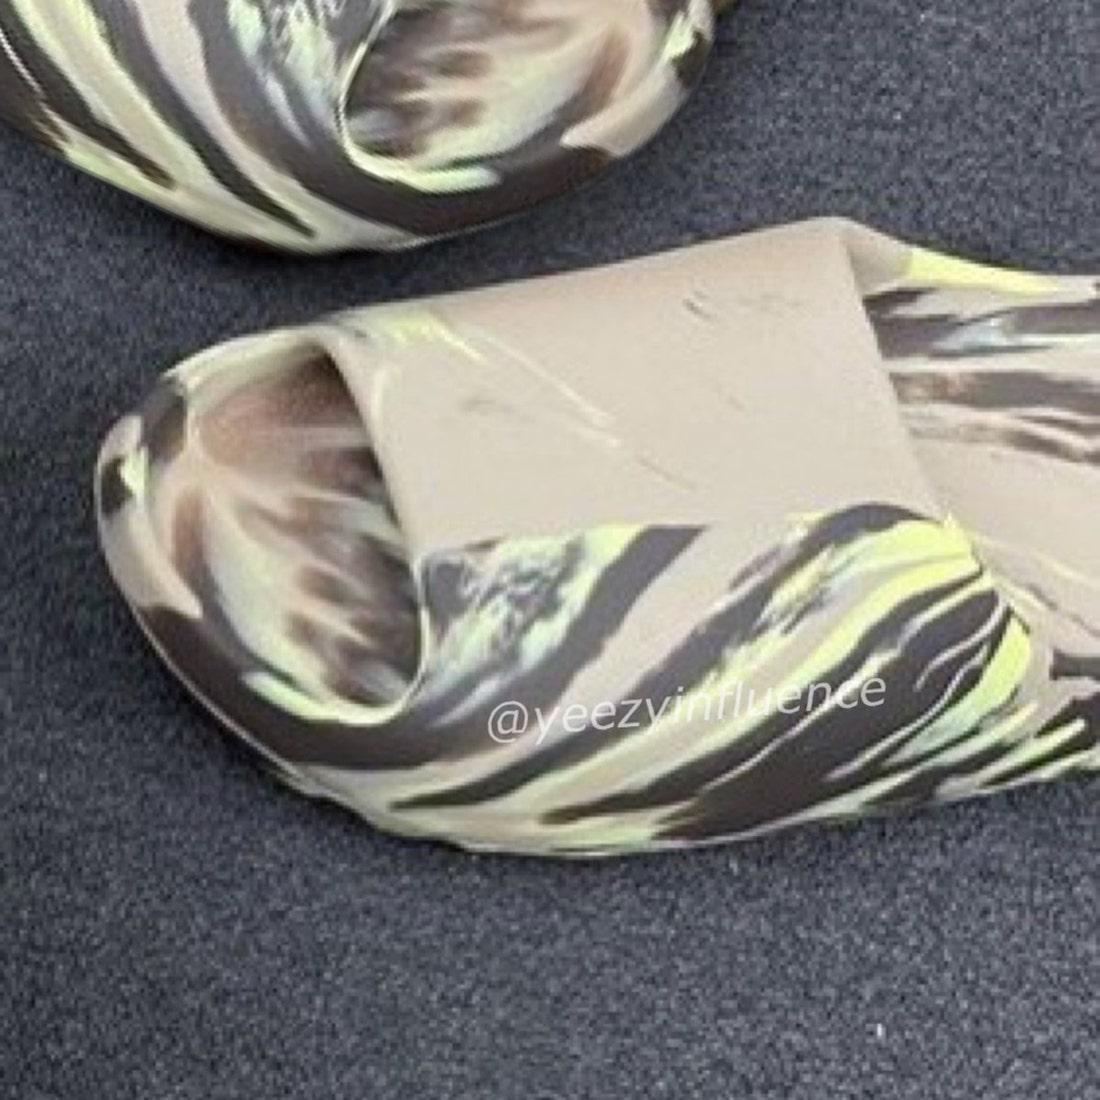 Yeezy Boost 350, Yeezy, EVA, Boost, adidas Yeezy, Adidas